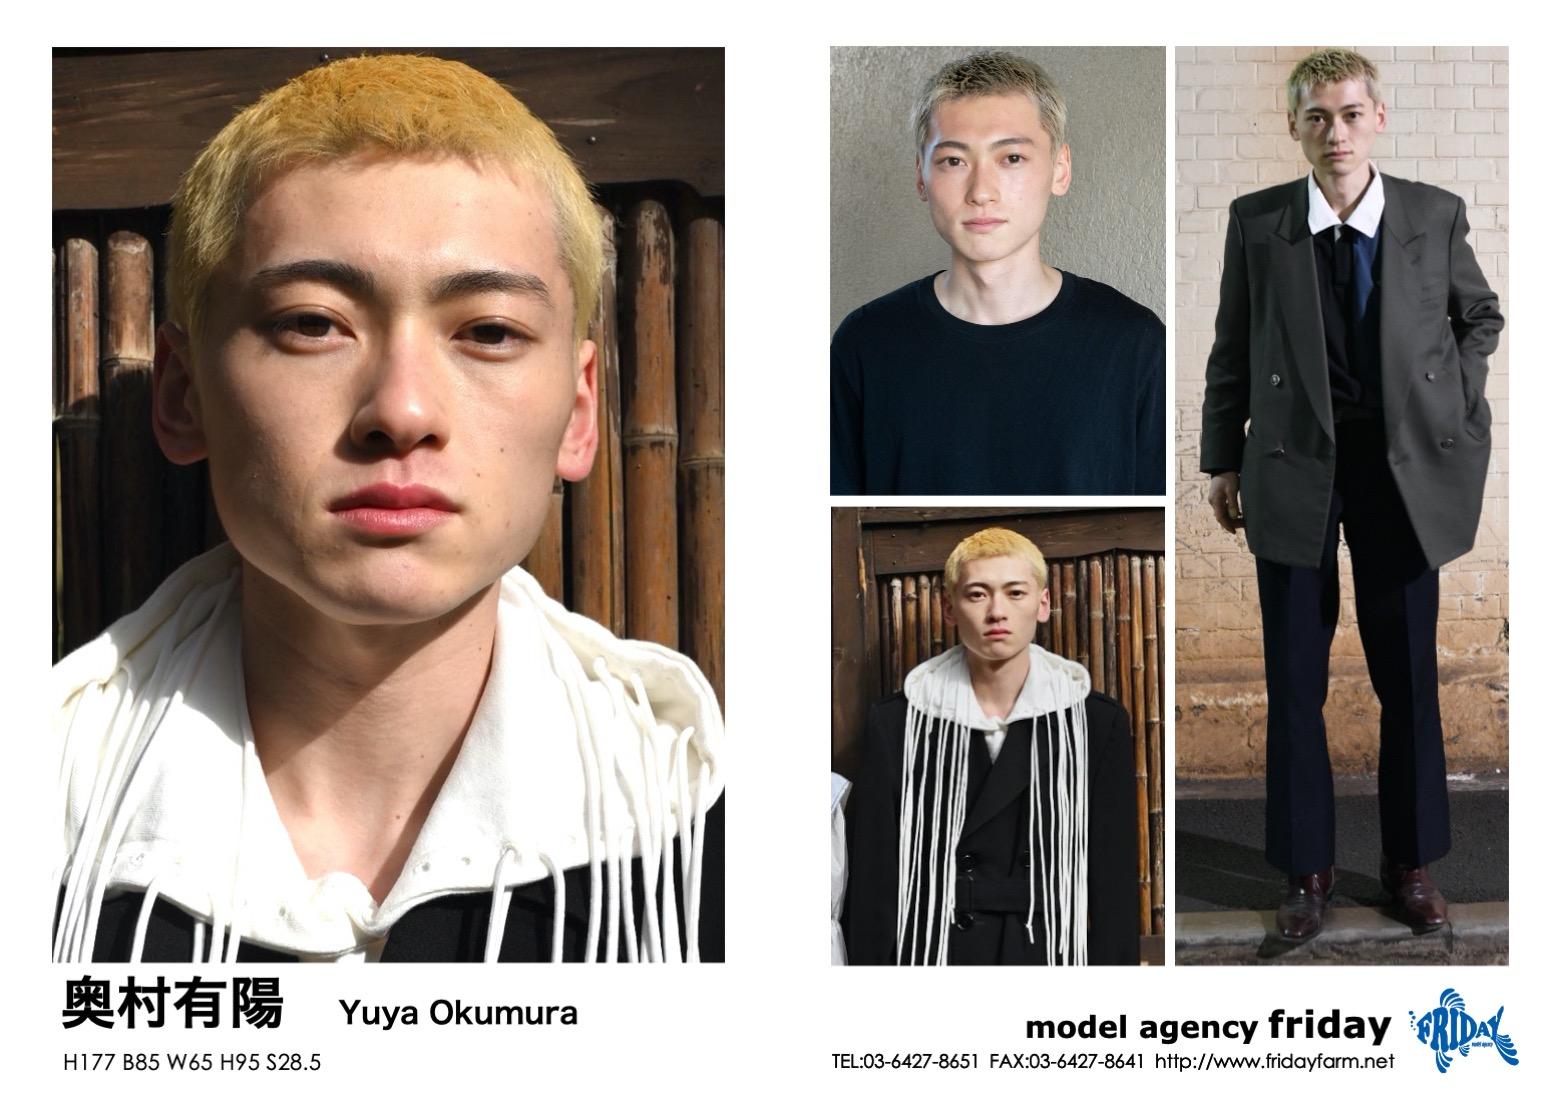 奥村有陽 - Yuya Okumura | model agency friday